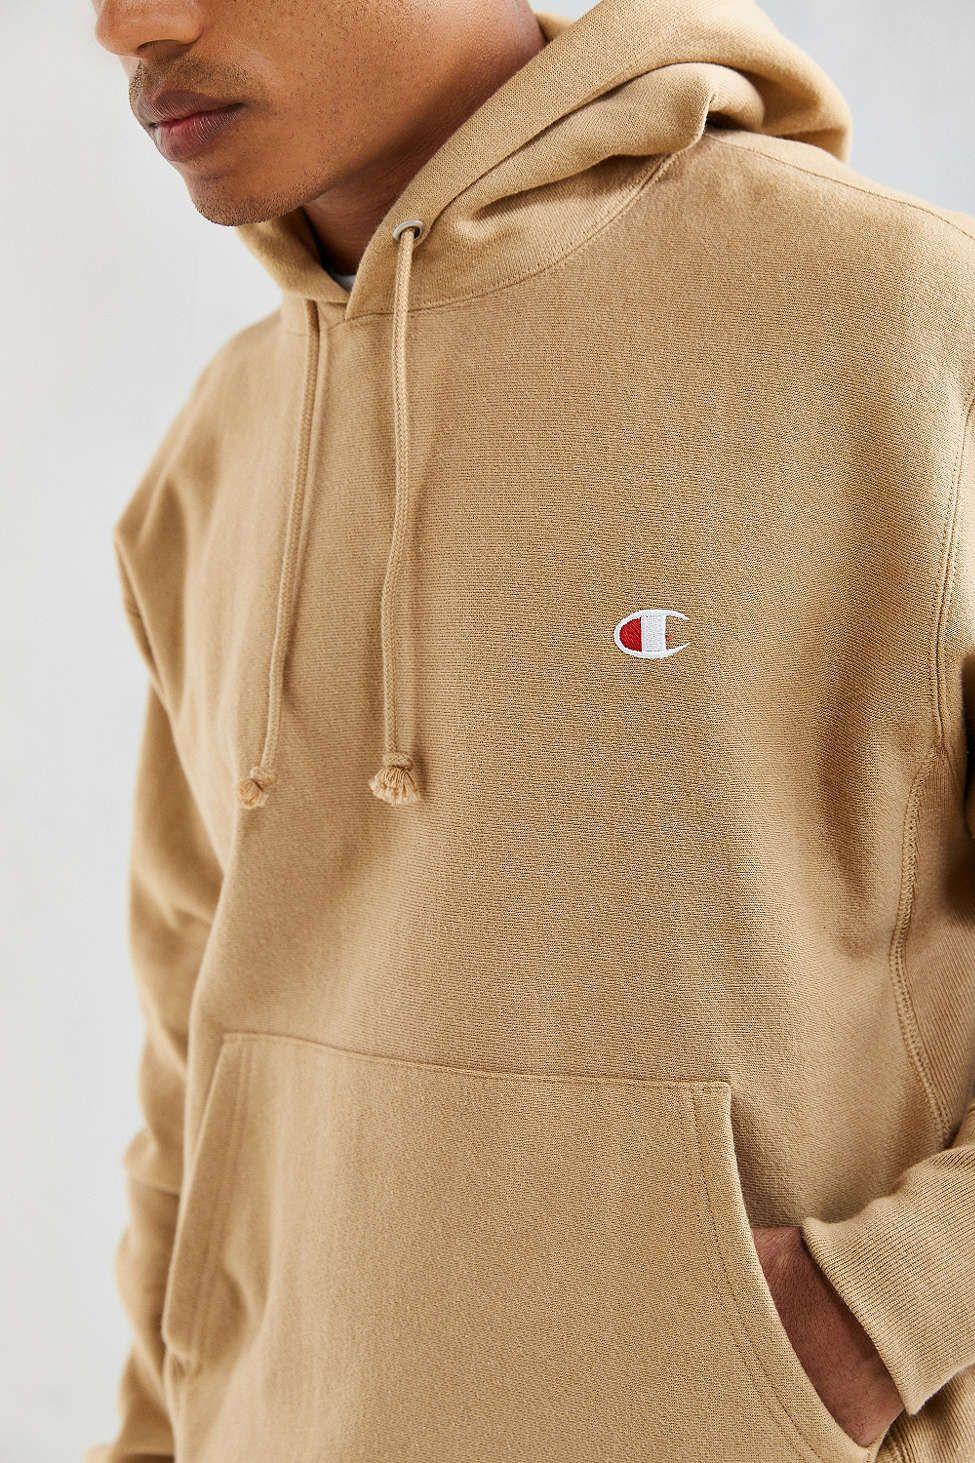 Champion Uo Exclusive Reverse Weave Hoodie Sweatshirt Hoodies Champion Clothing Champion Hooded Sweatshirt [ 1463 x 975 Pixel ]